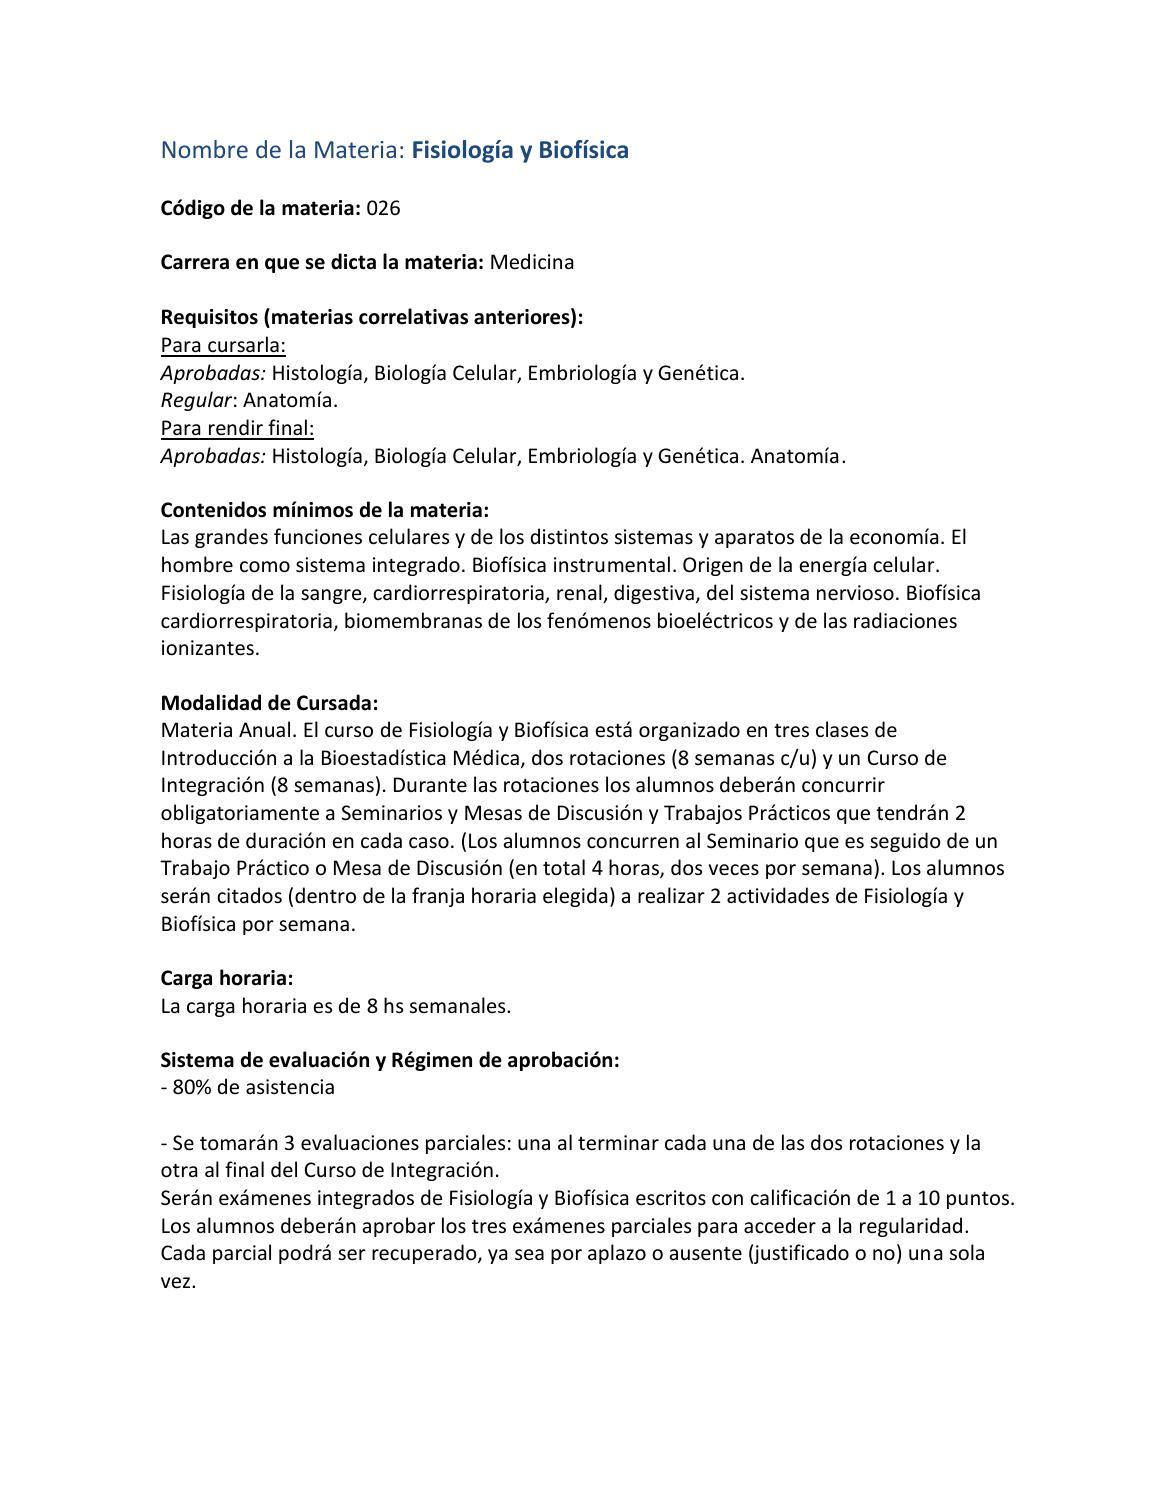 Fisiología by Plan de estudios - FMed UBA - issuu